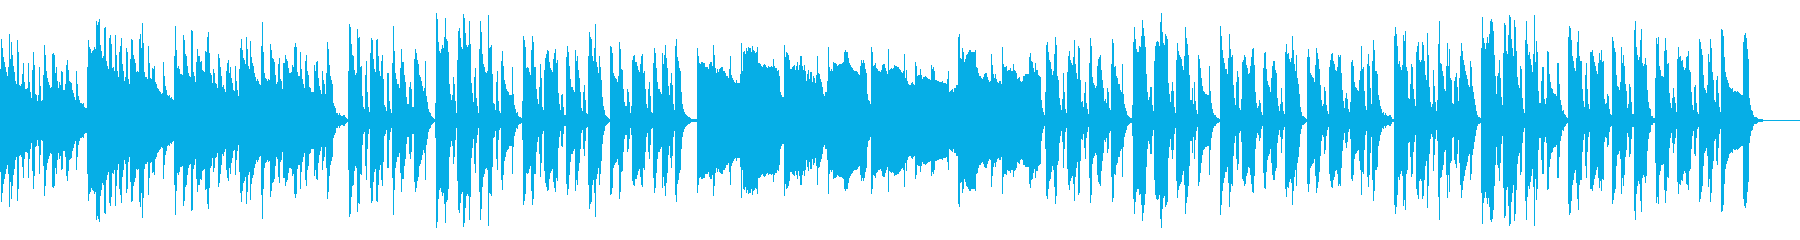 ほのぼのゆるい日常系の曲の再生済みの波形